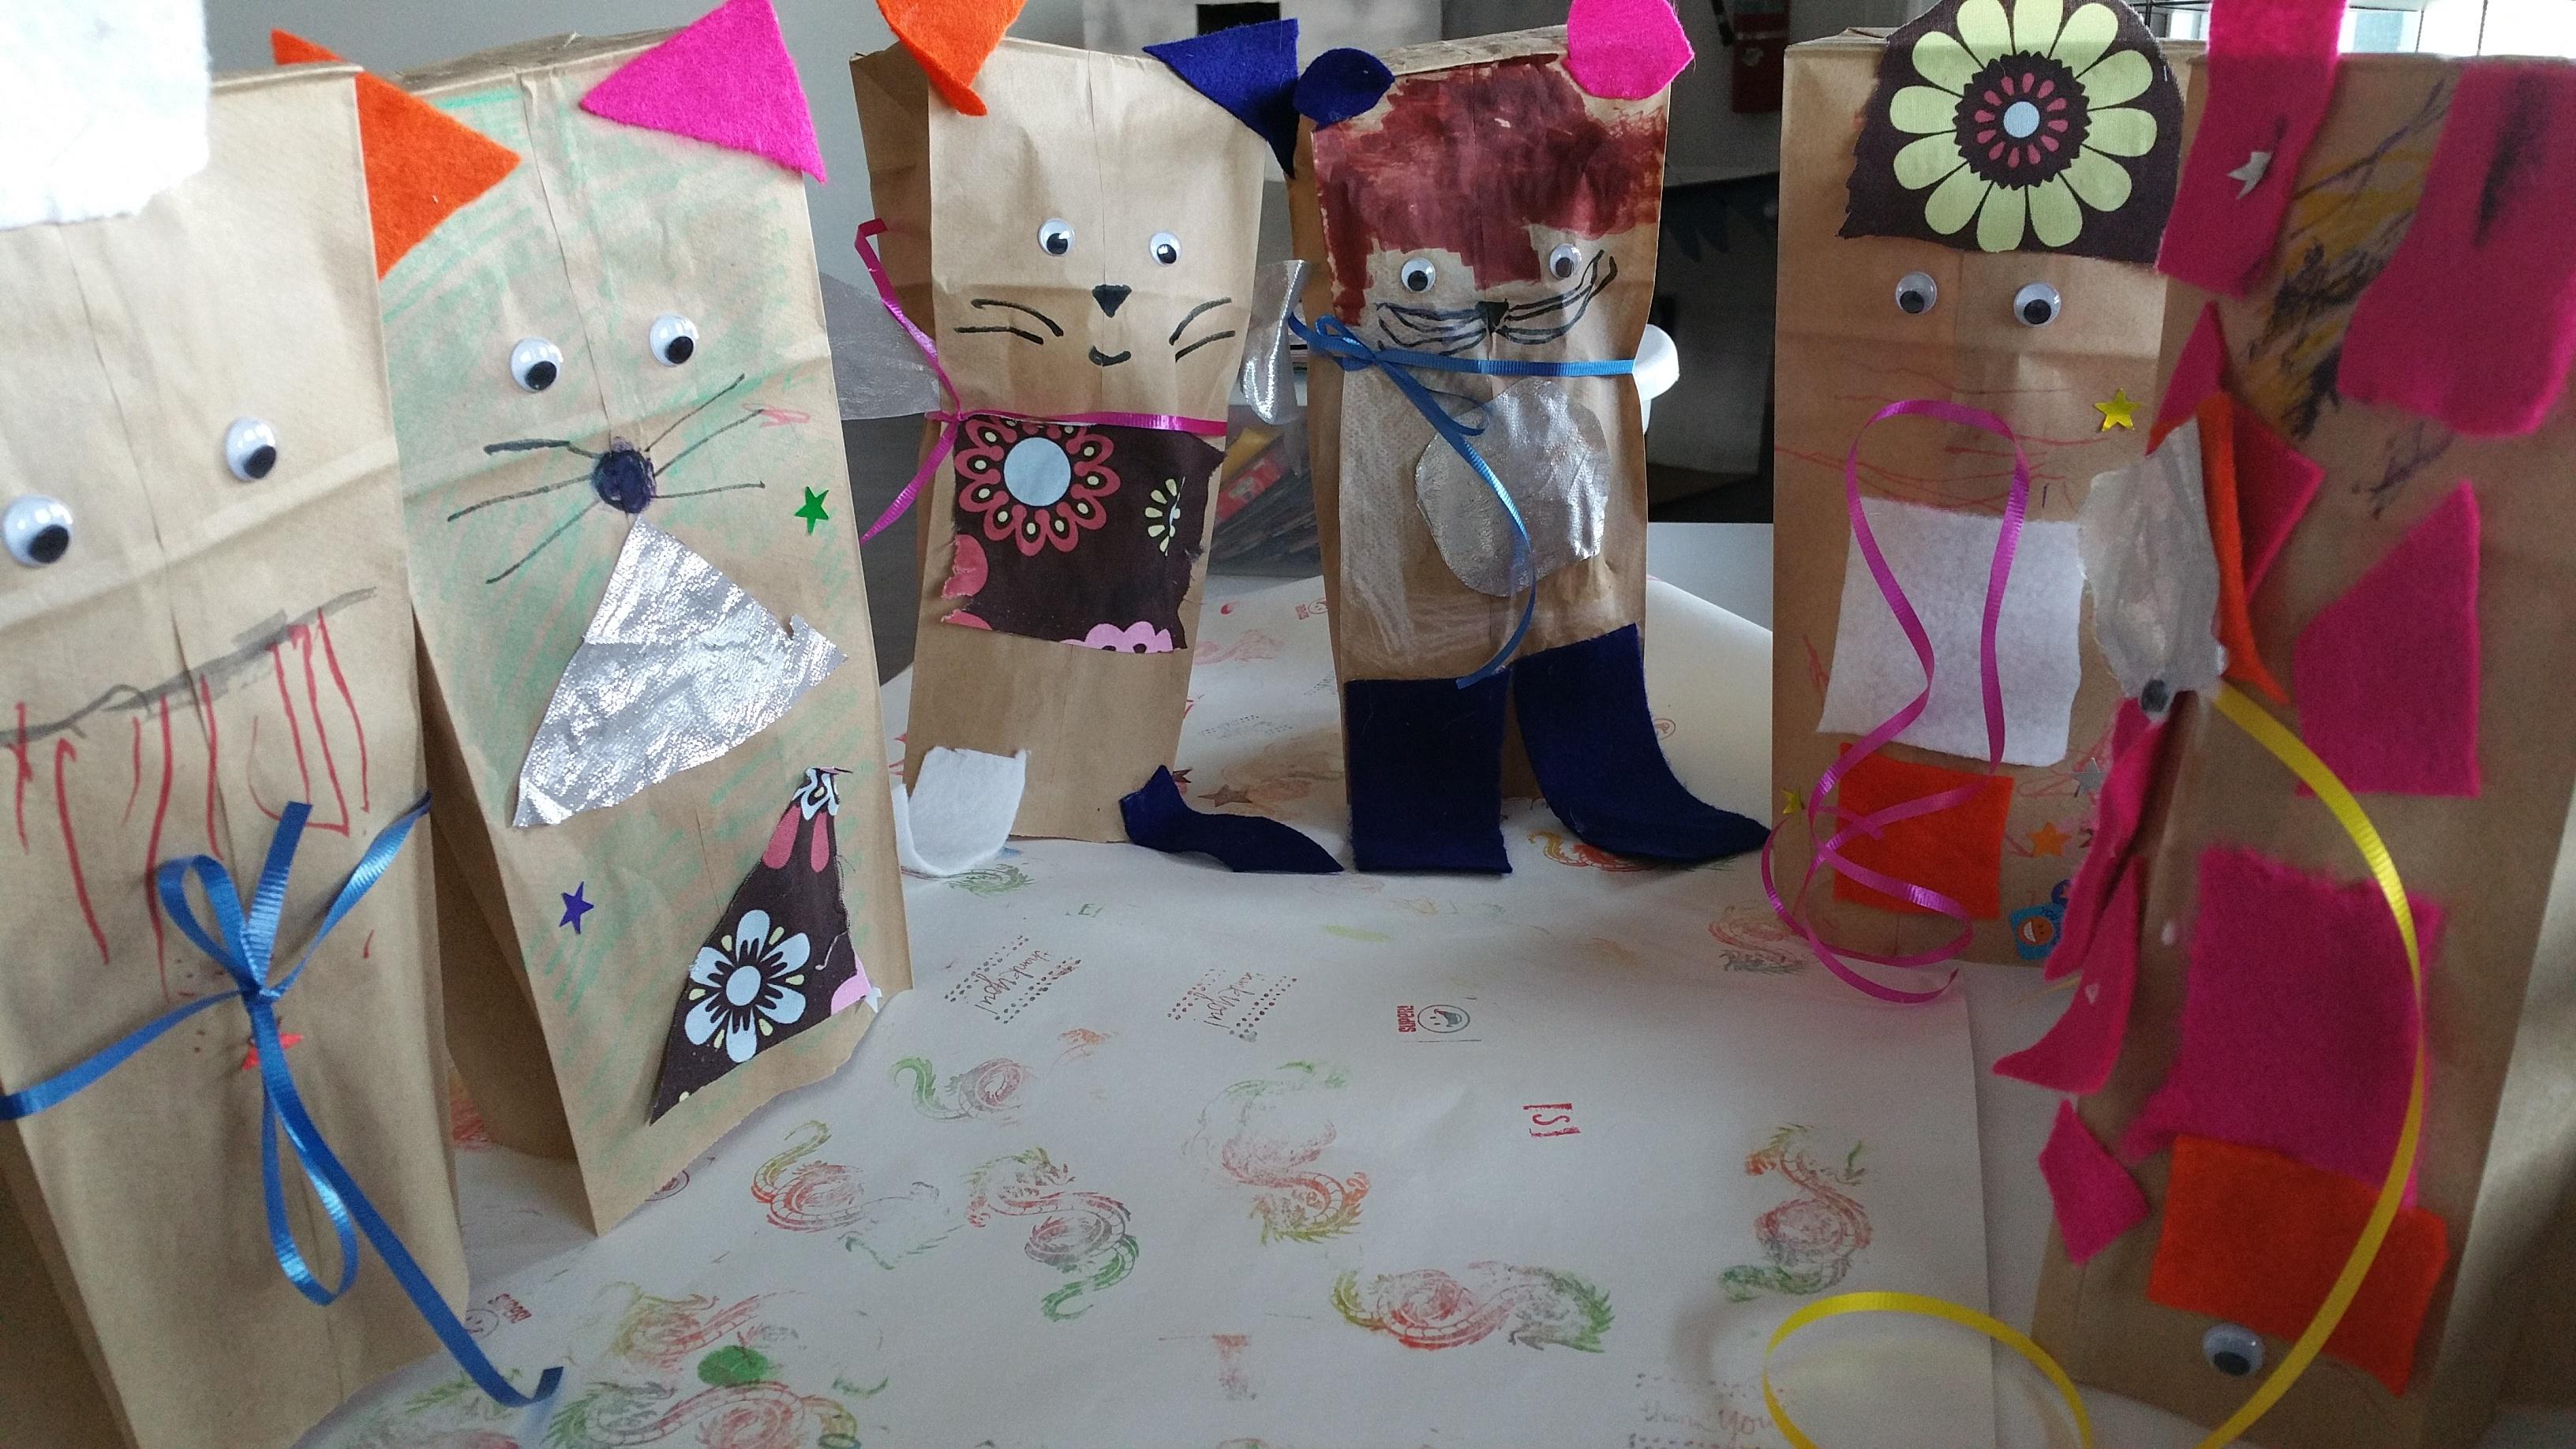 Paper mascots wear pants, too